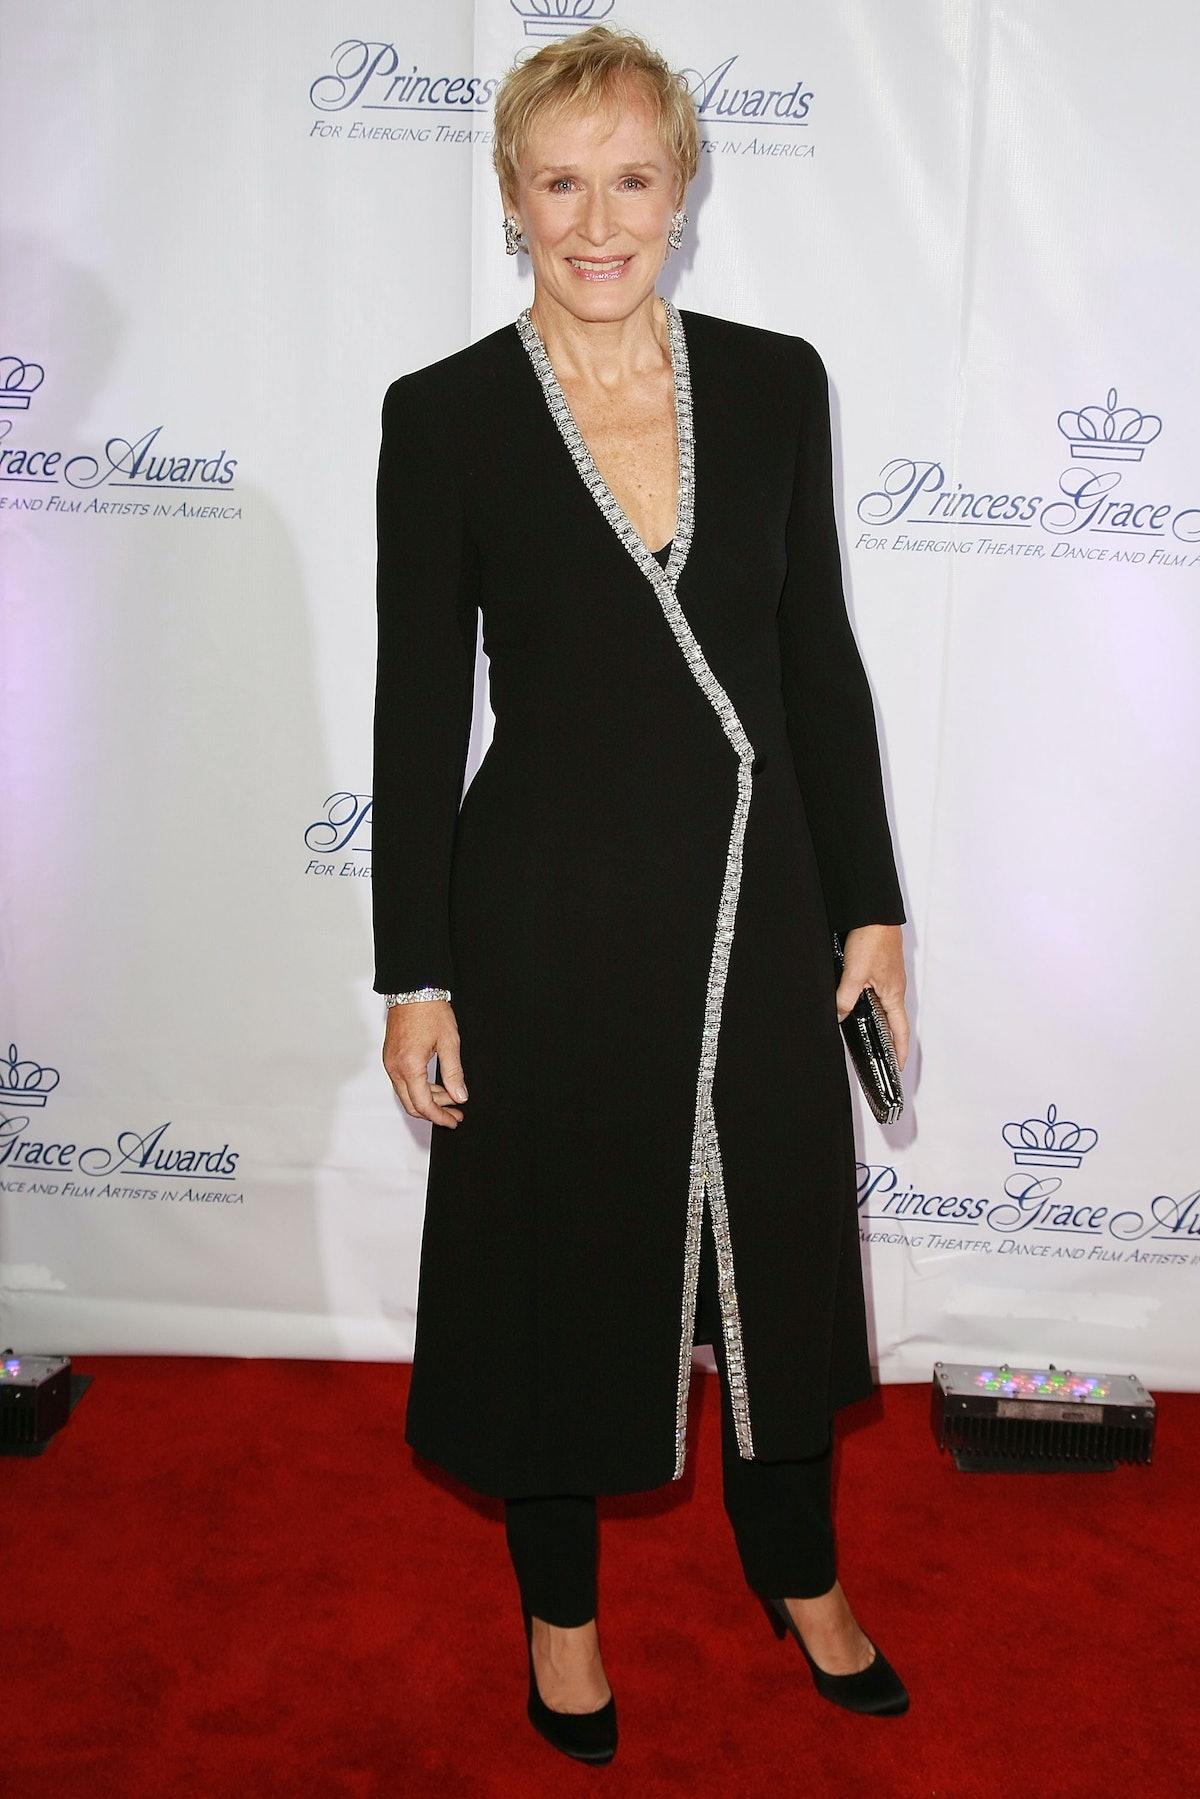 The Princess Grace Awards Gala 2008